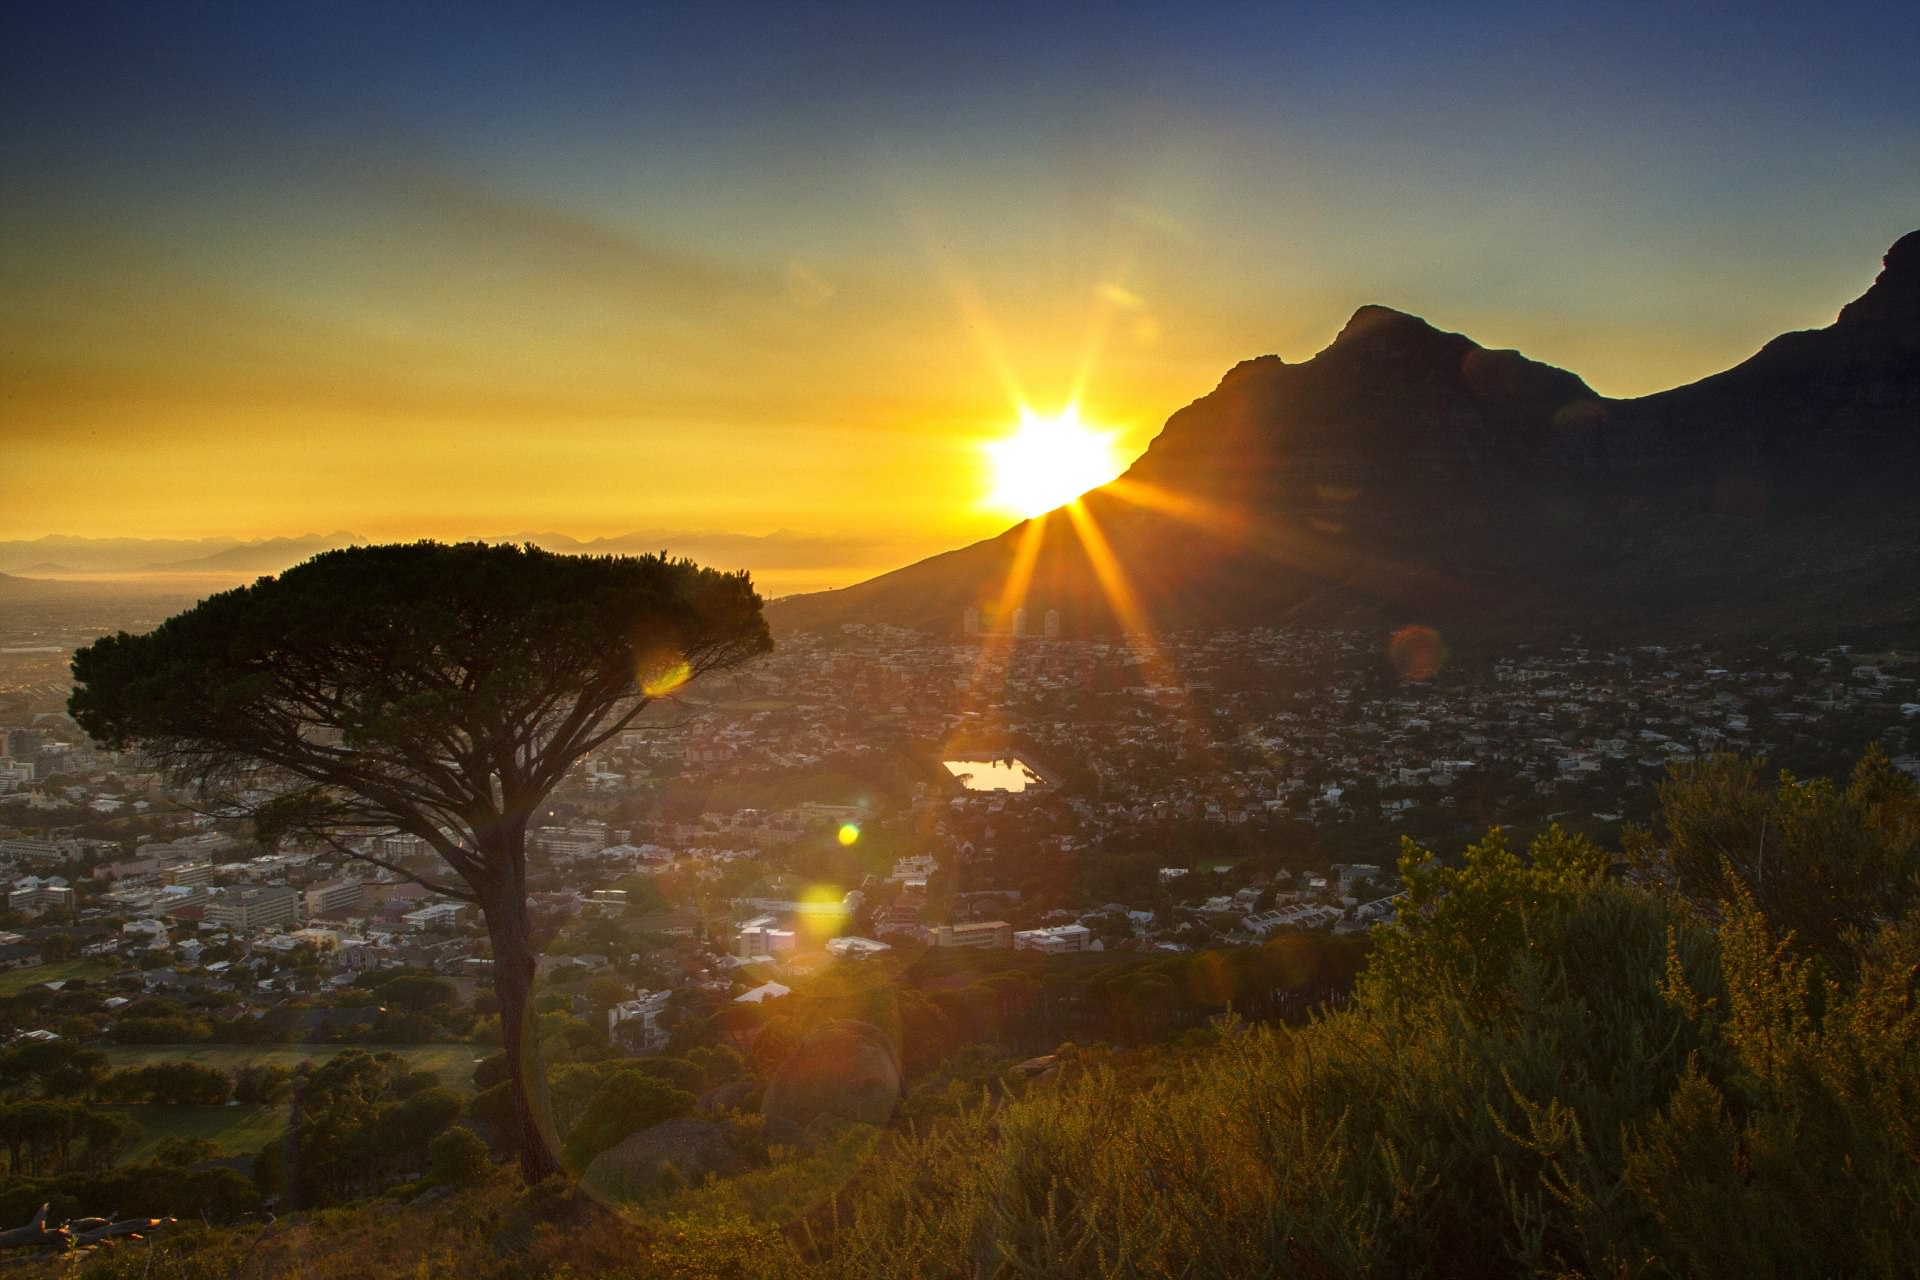 Hình ảnh bình minh trên rặng núi xa